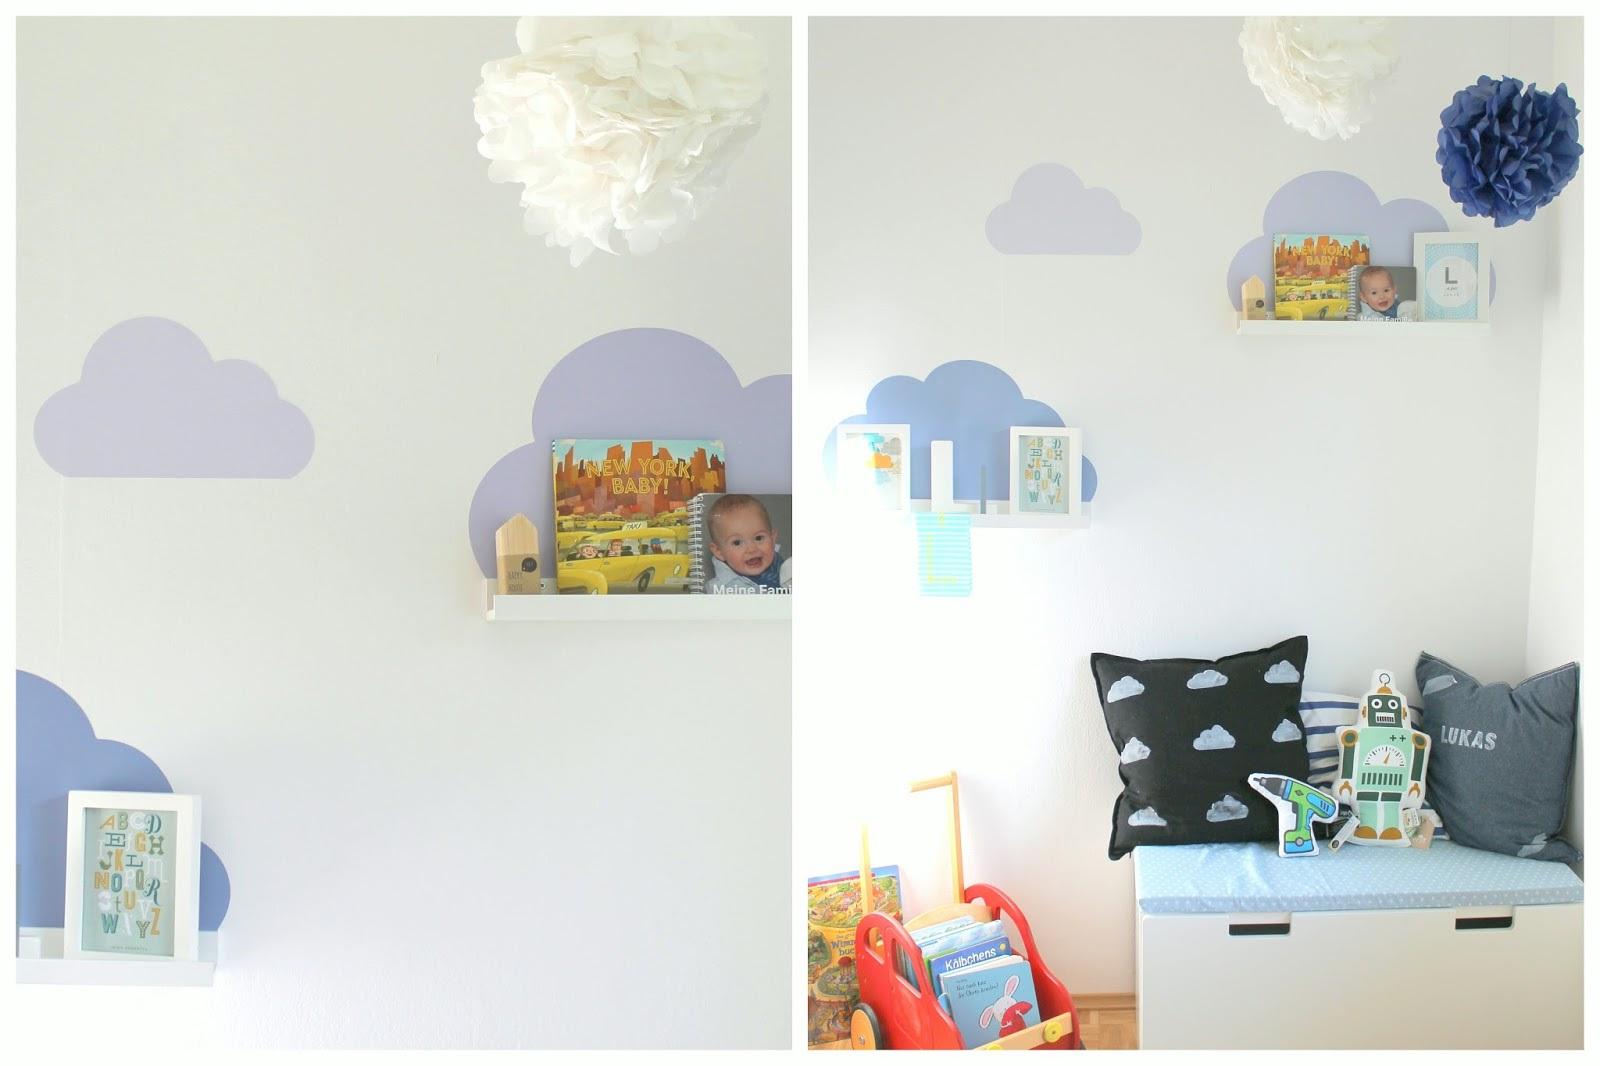 kleines freudenhaus erster einblick ins neue zimmer des neuen. Black Bedroom Furniture Sets. Home Design Ideas